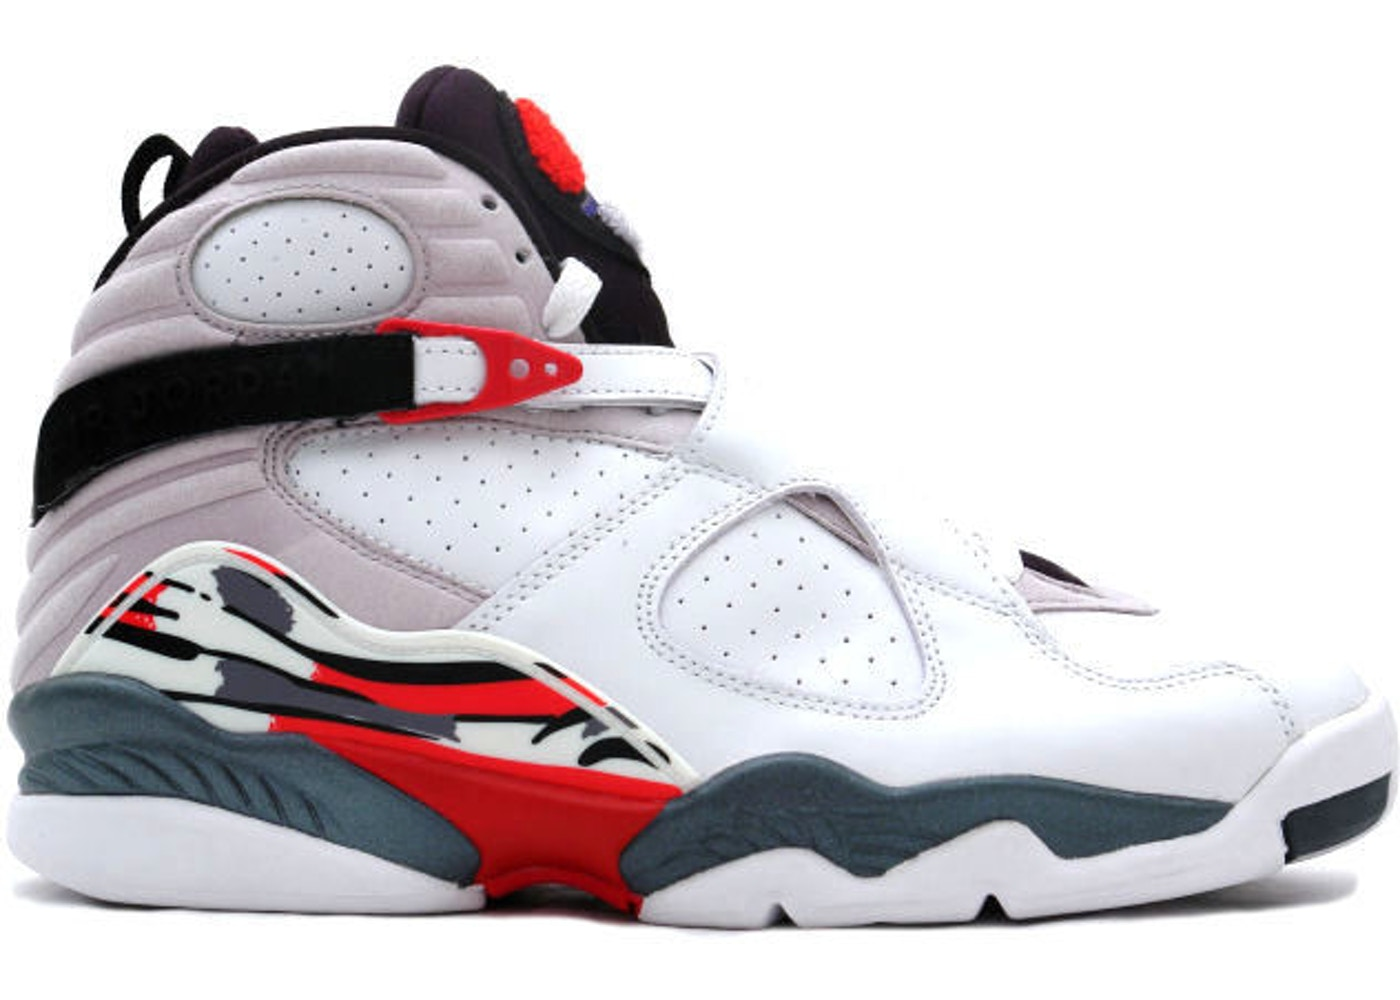 972cb26316f Jordan 8 Retro Bugs Bunny CDP (2008) - 305381-103